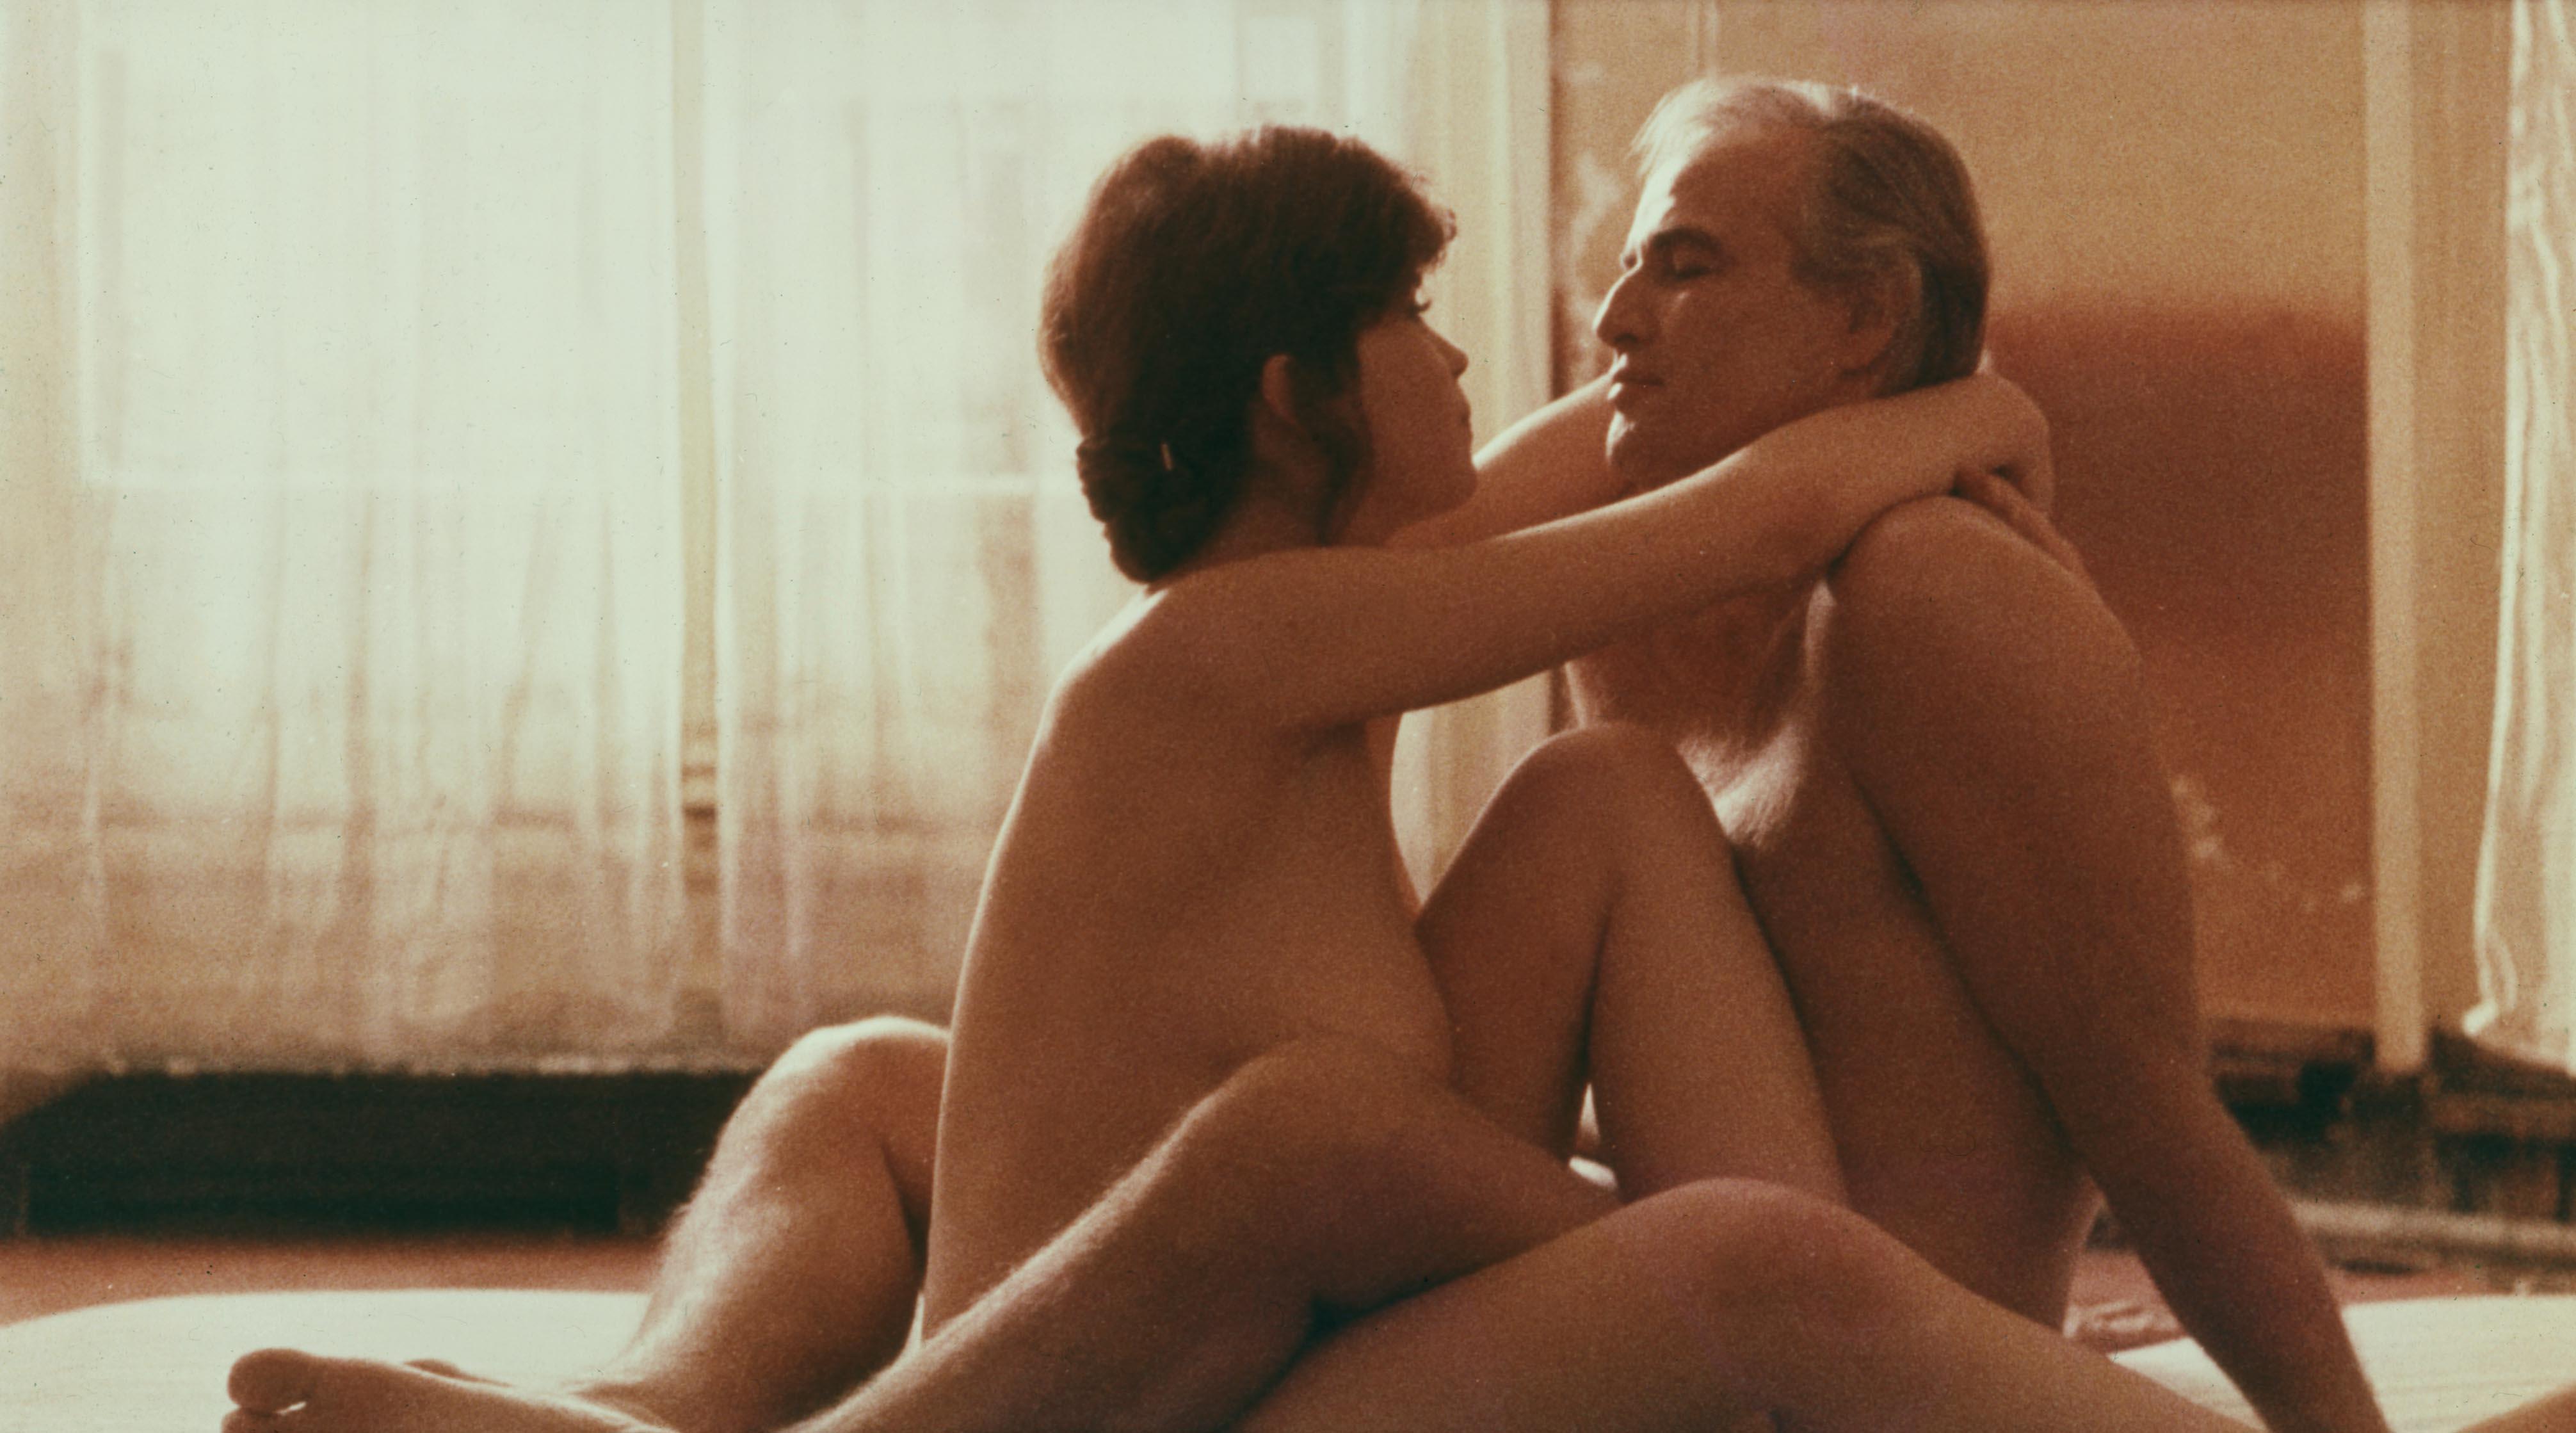 Controversial Sex Scene